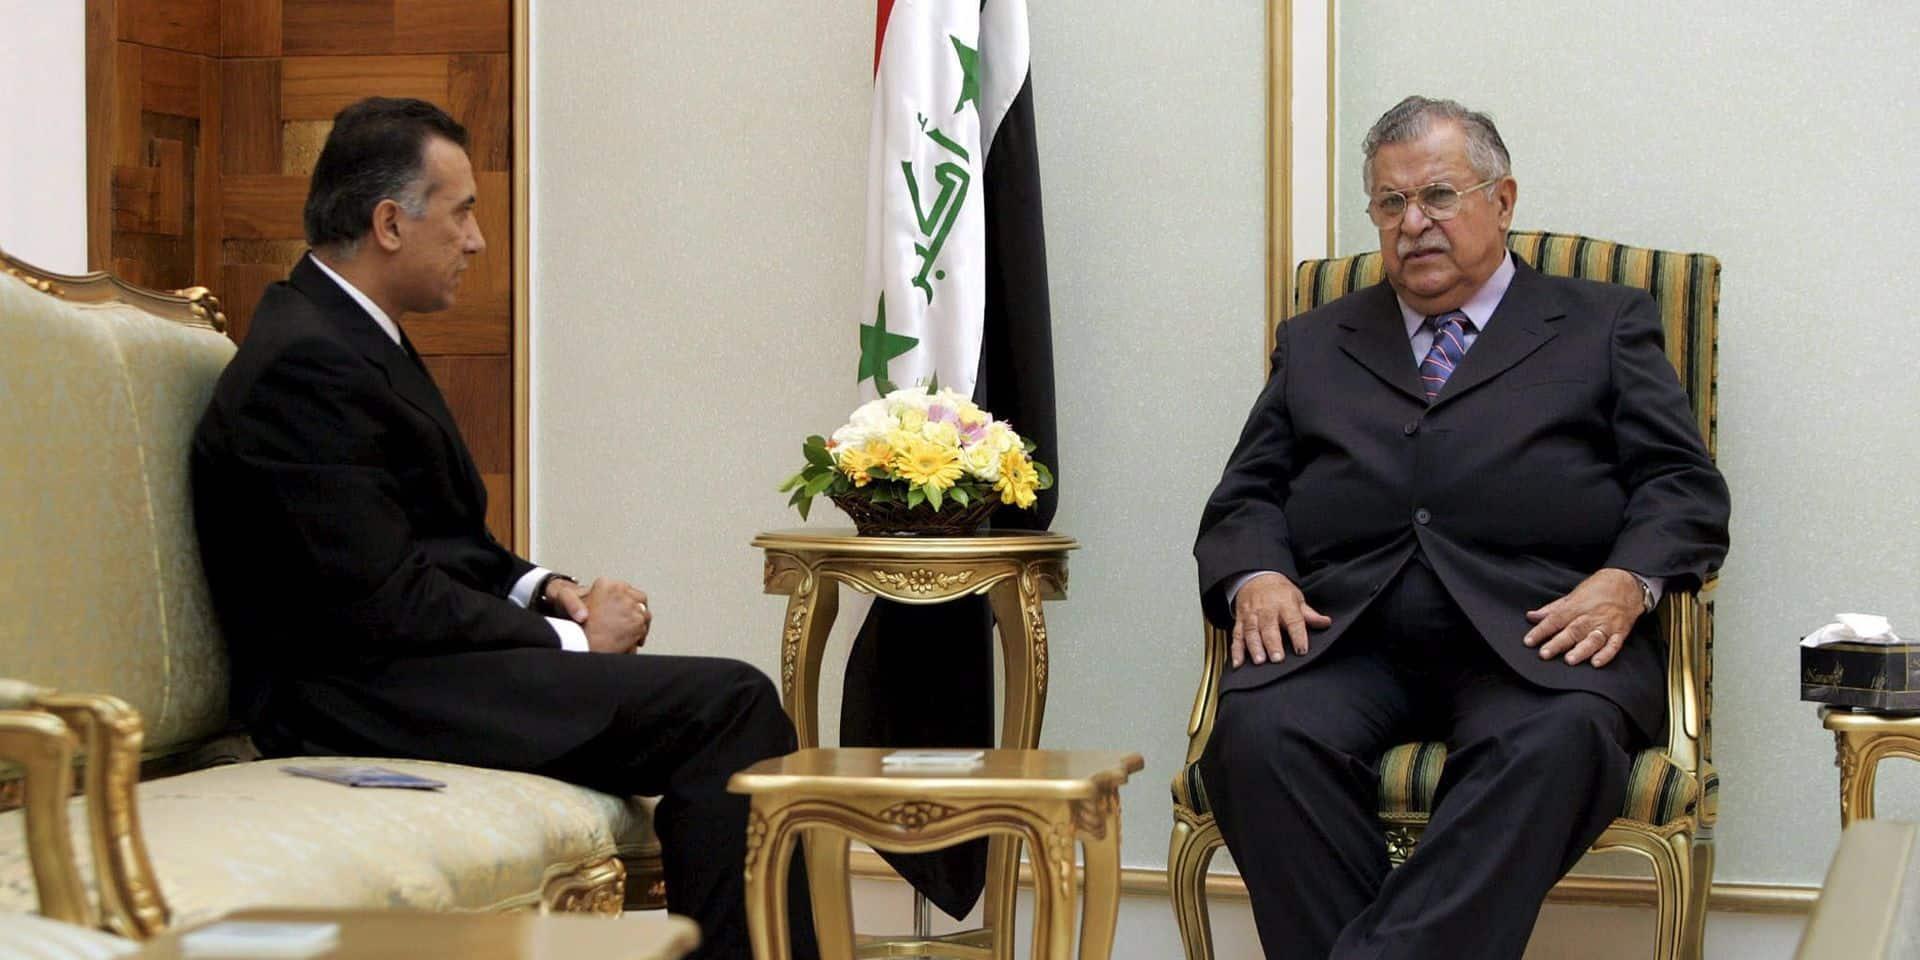 Une première sous haute tension en Irak: des pro-Iran arrêtés pour des roquettes contre des Américains